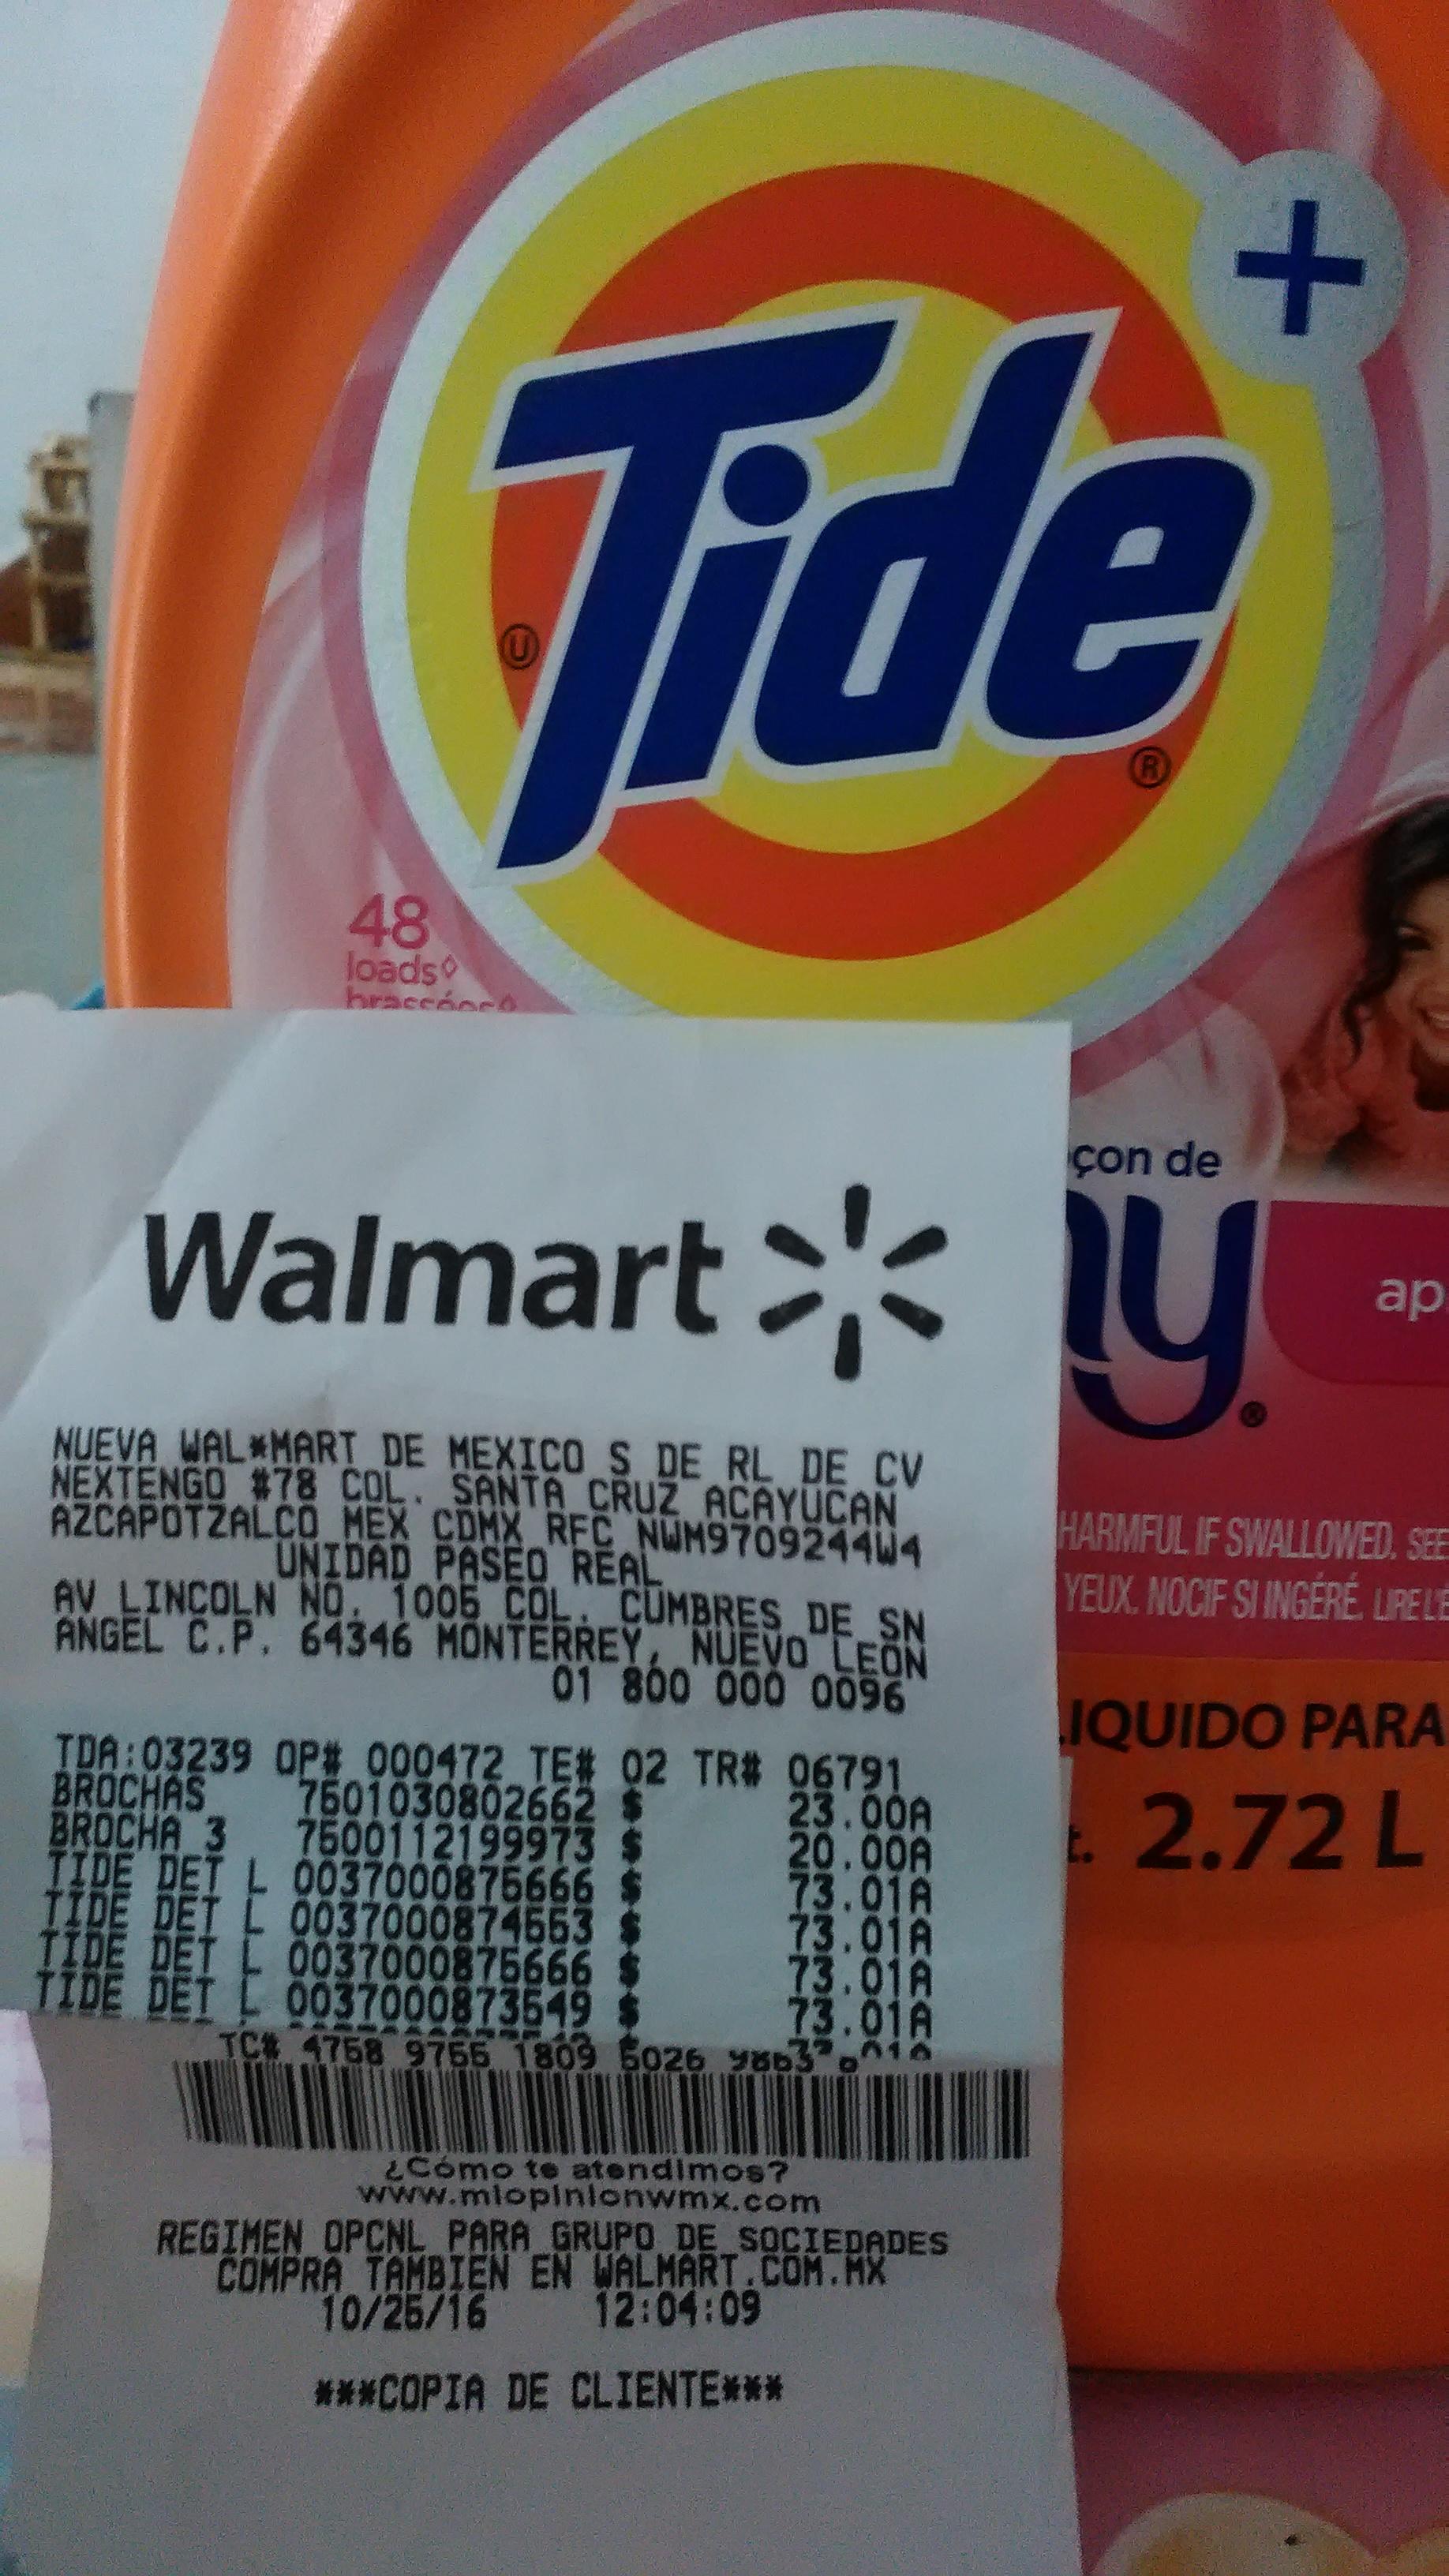 Walmart Paseo Real Monterrey: detergente Tide 2.72lt a $73.01